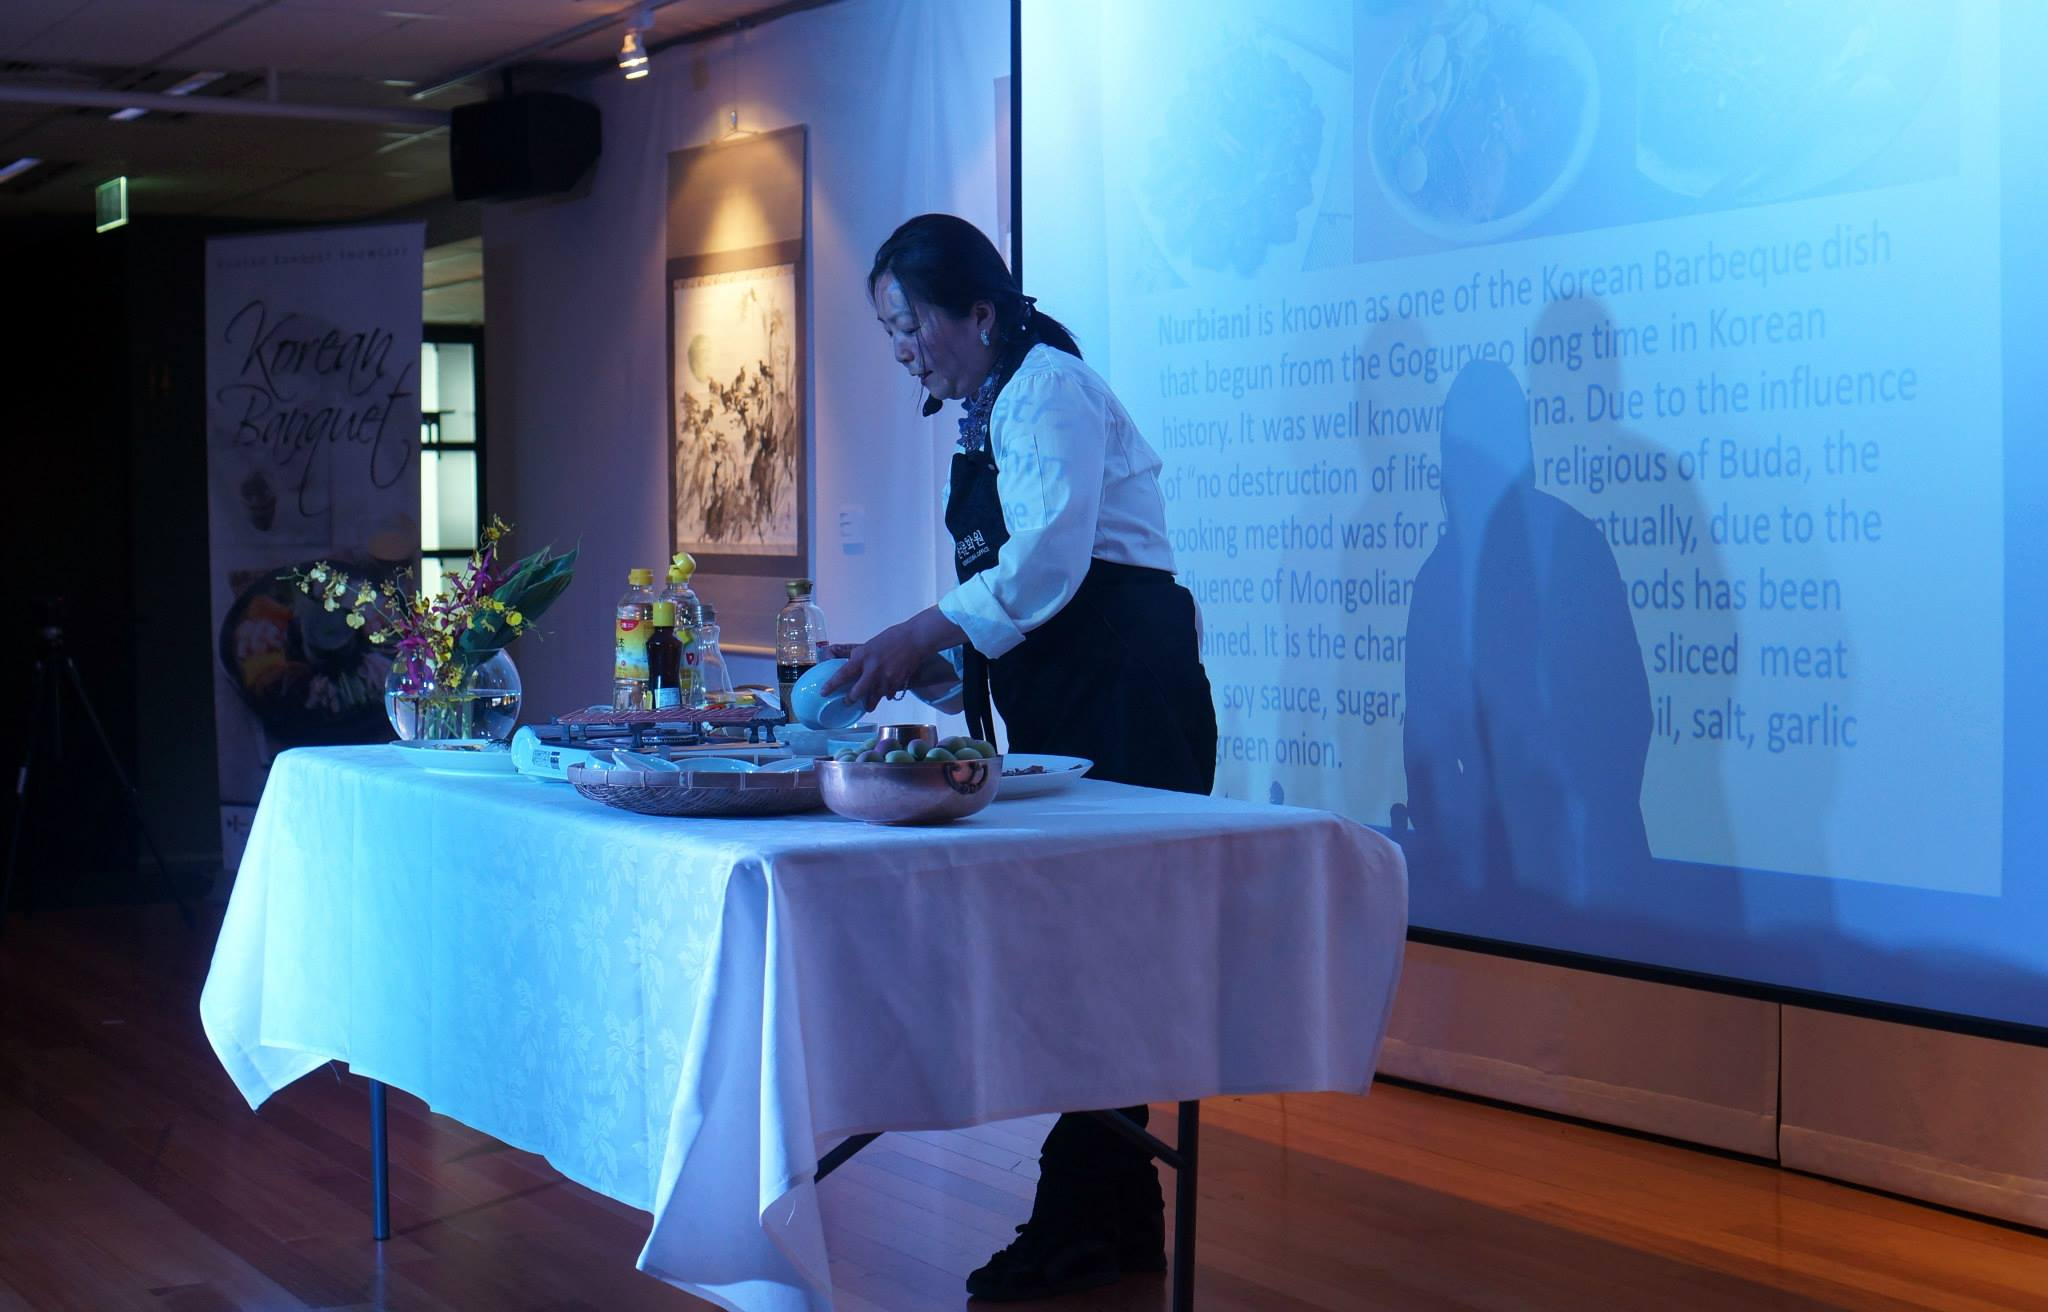 Korean Banquet Showcase, Sydney